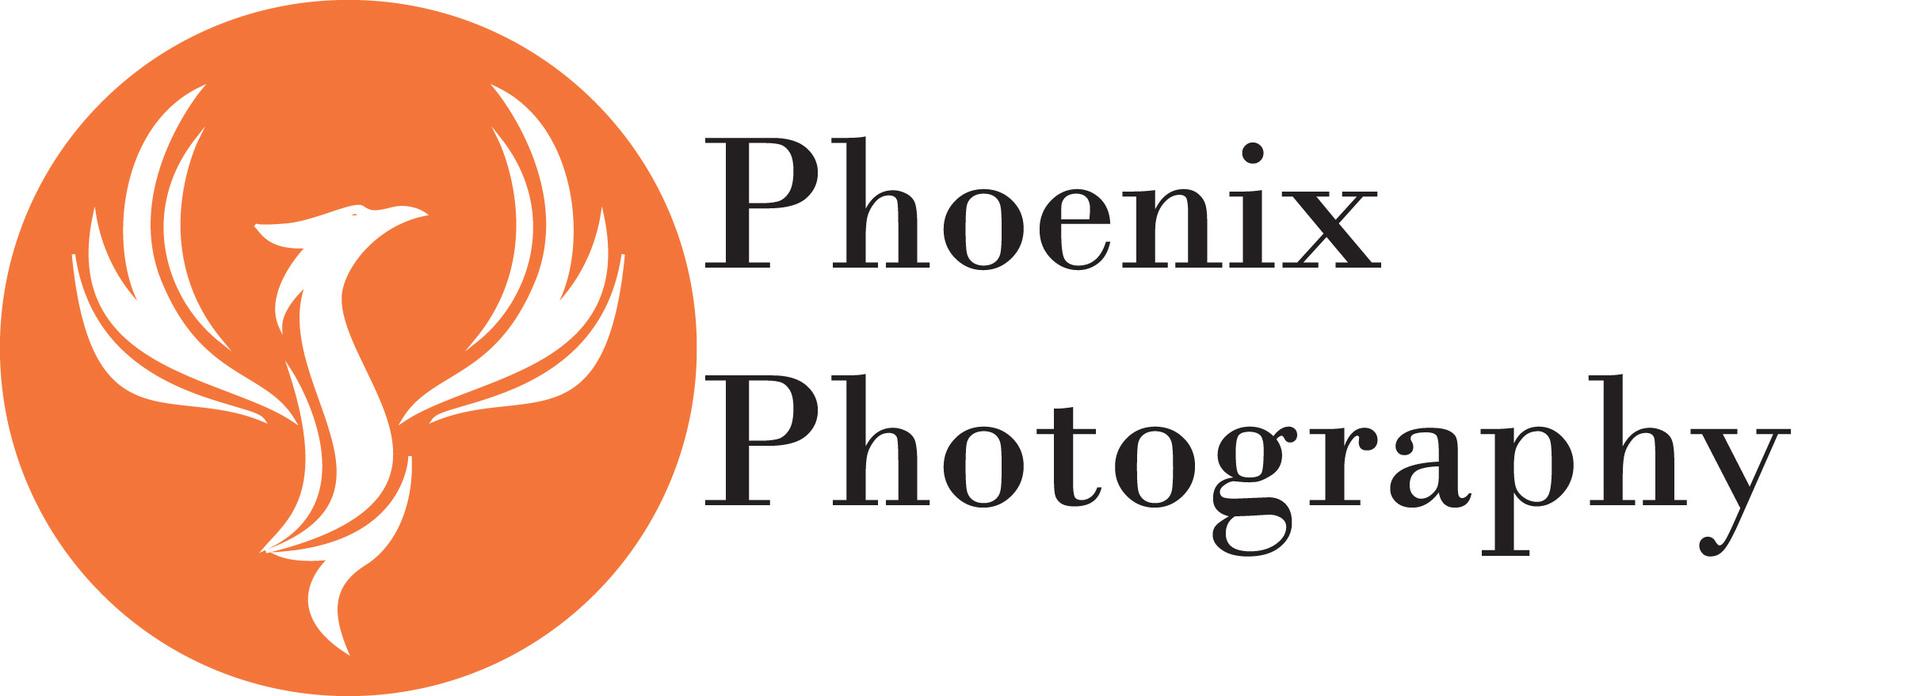 Phoenix Photography